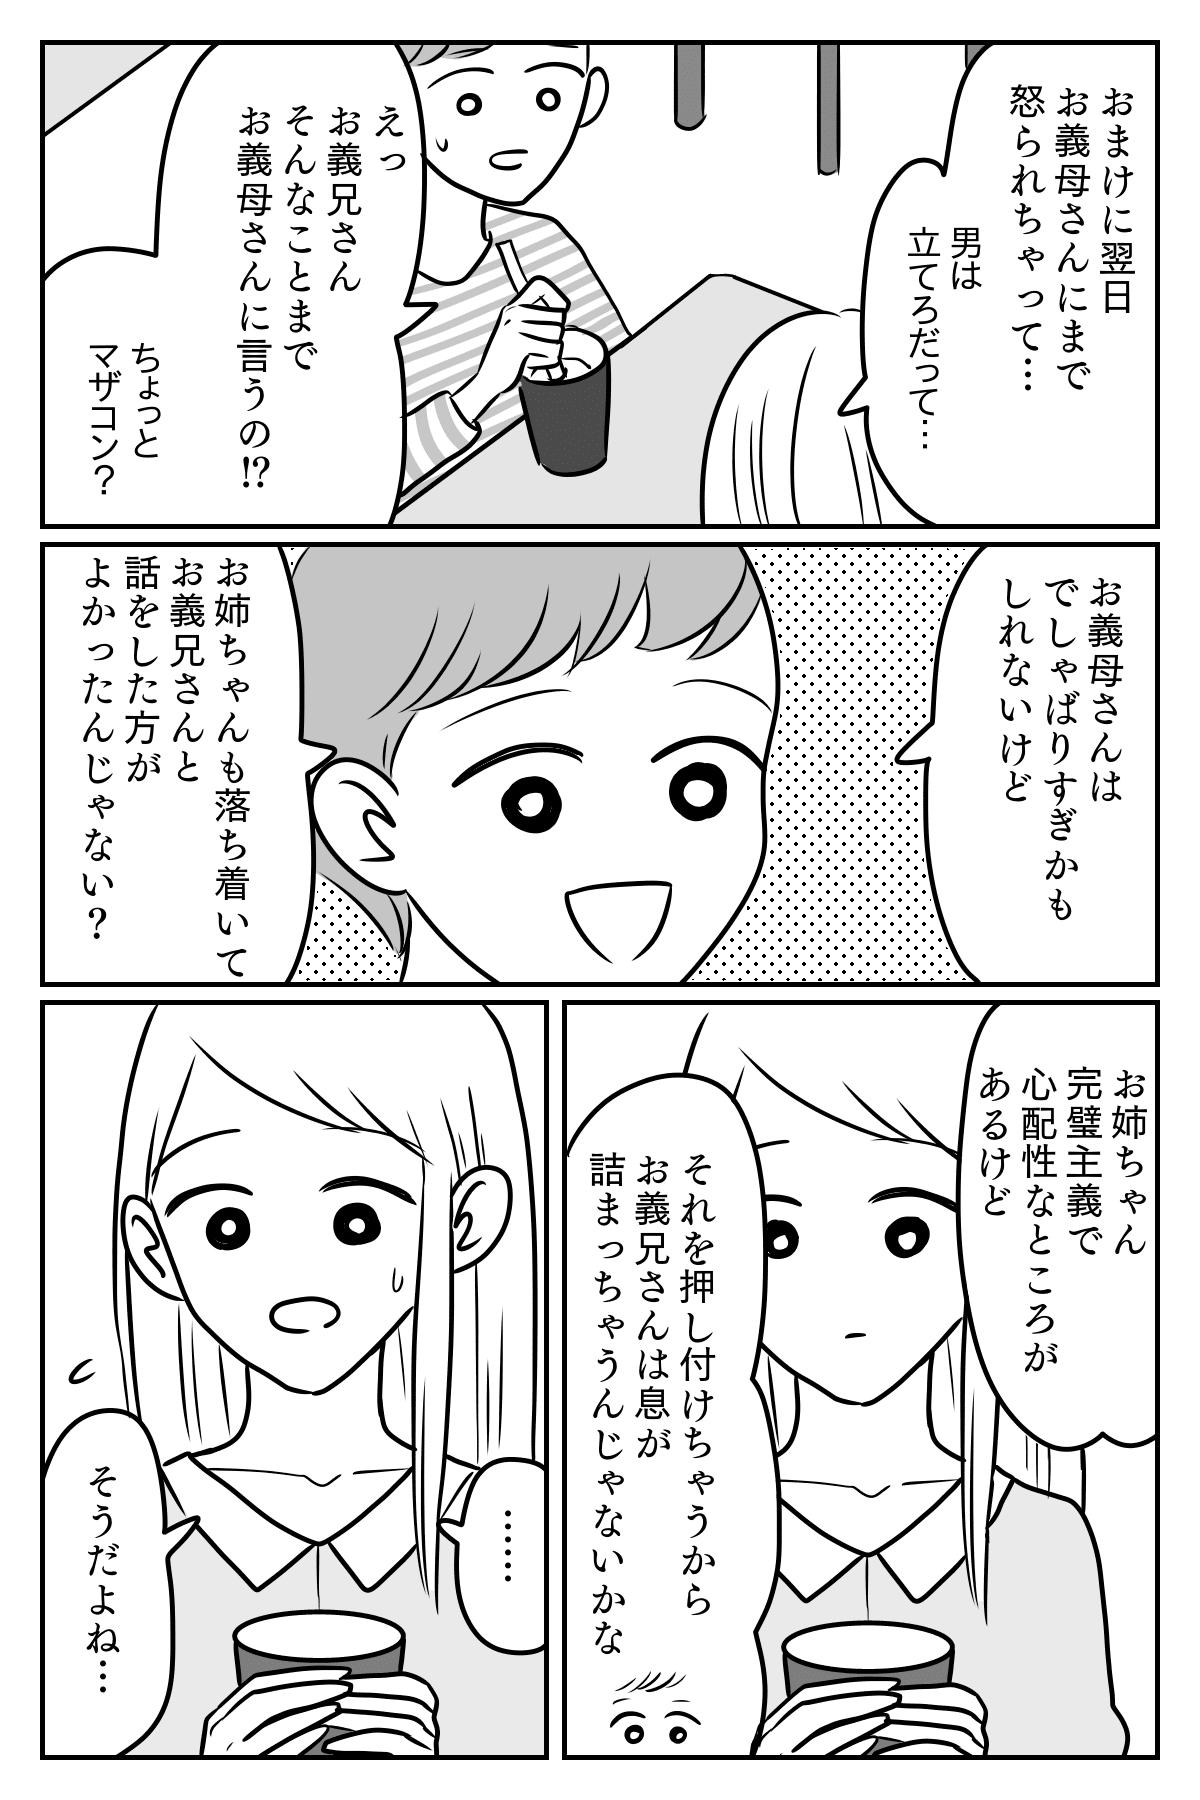 耳鼻科2-3